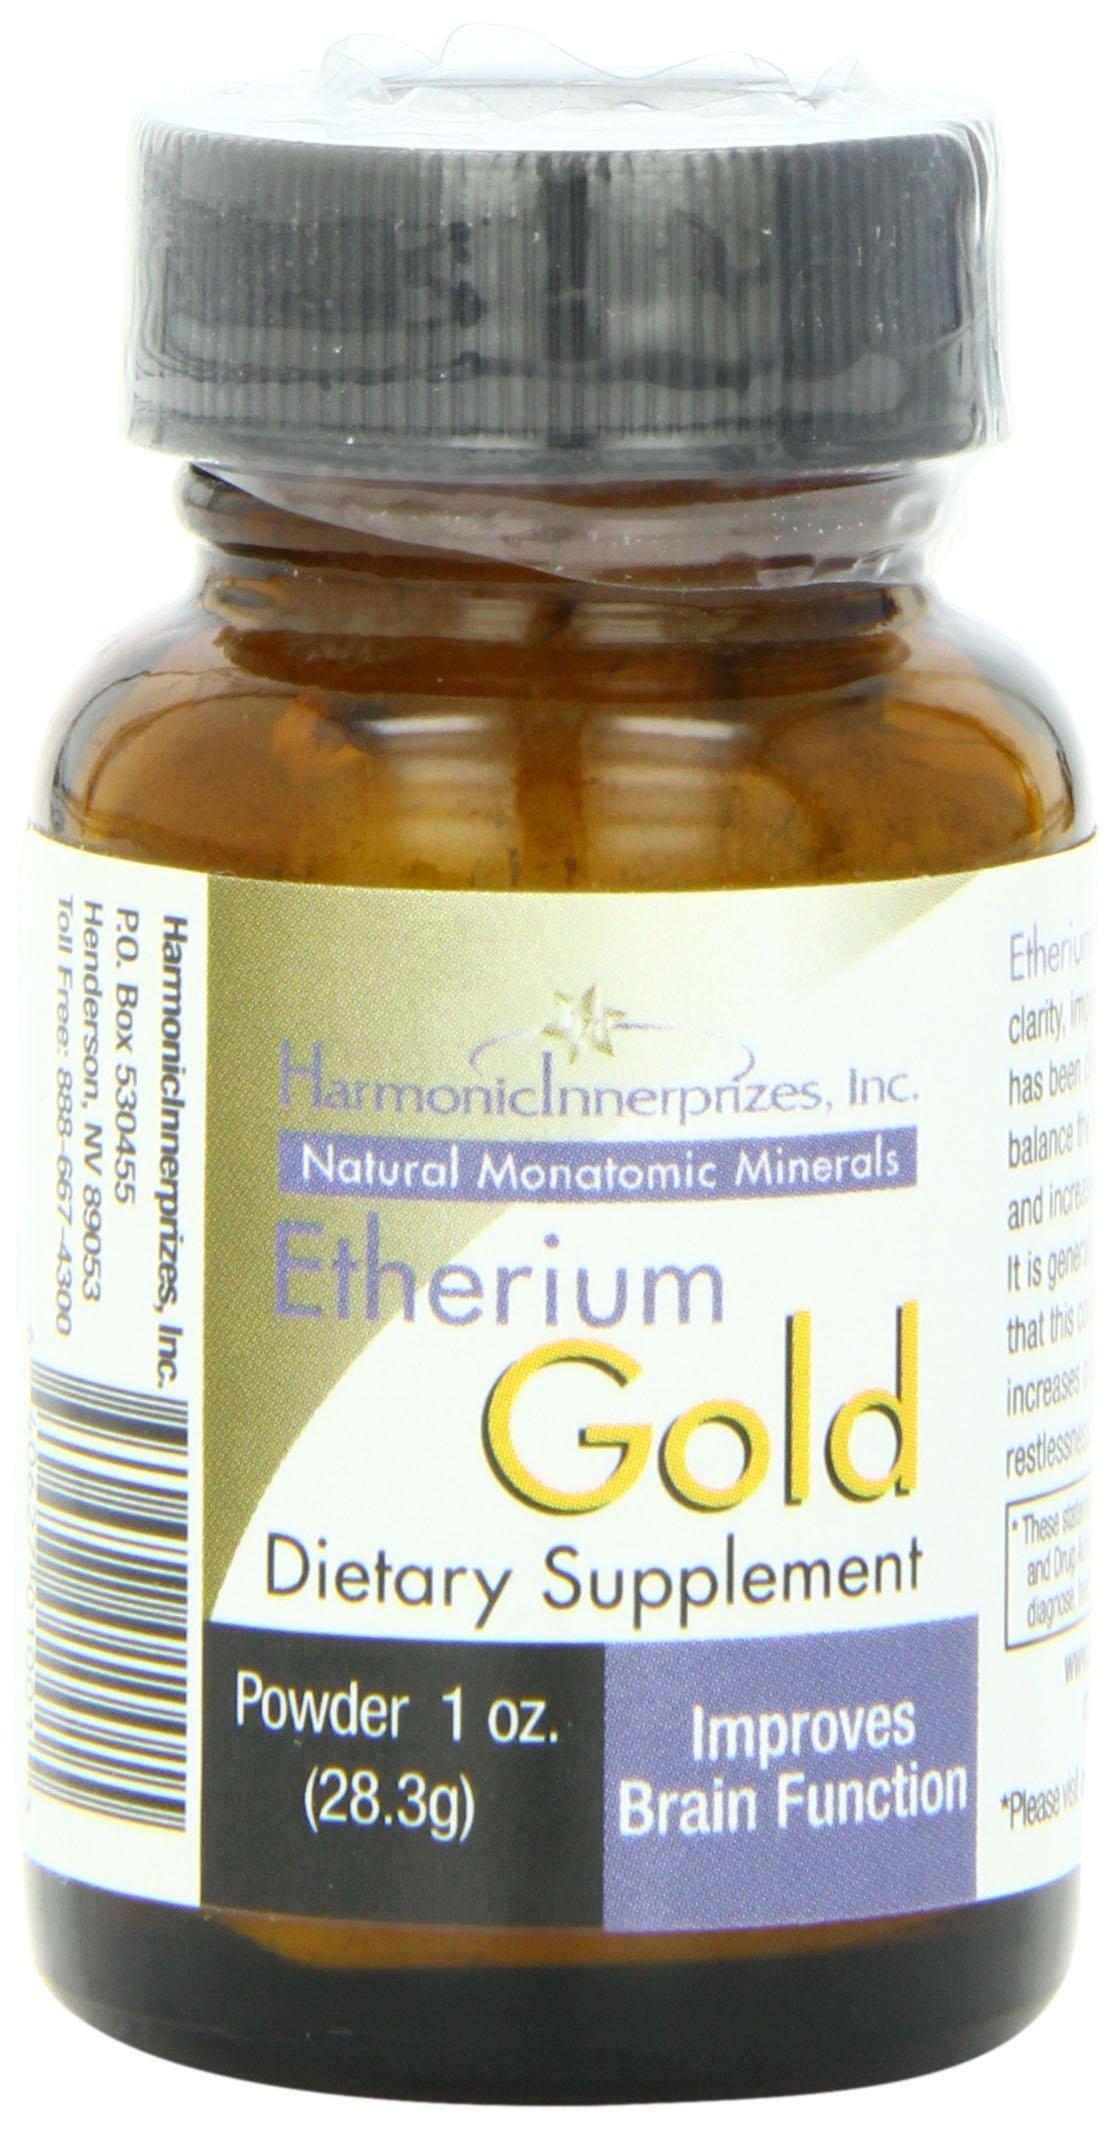 Harmonic Innerprizes Etherium Gold 1oz Powder